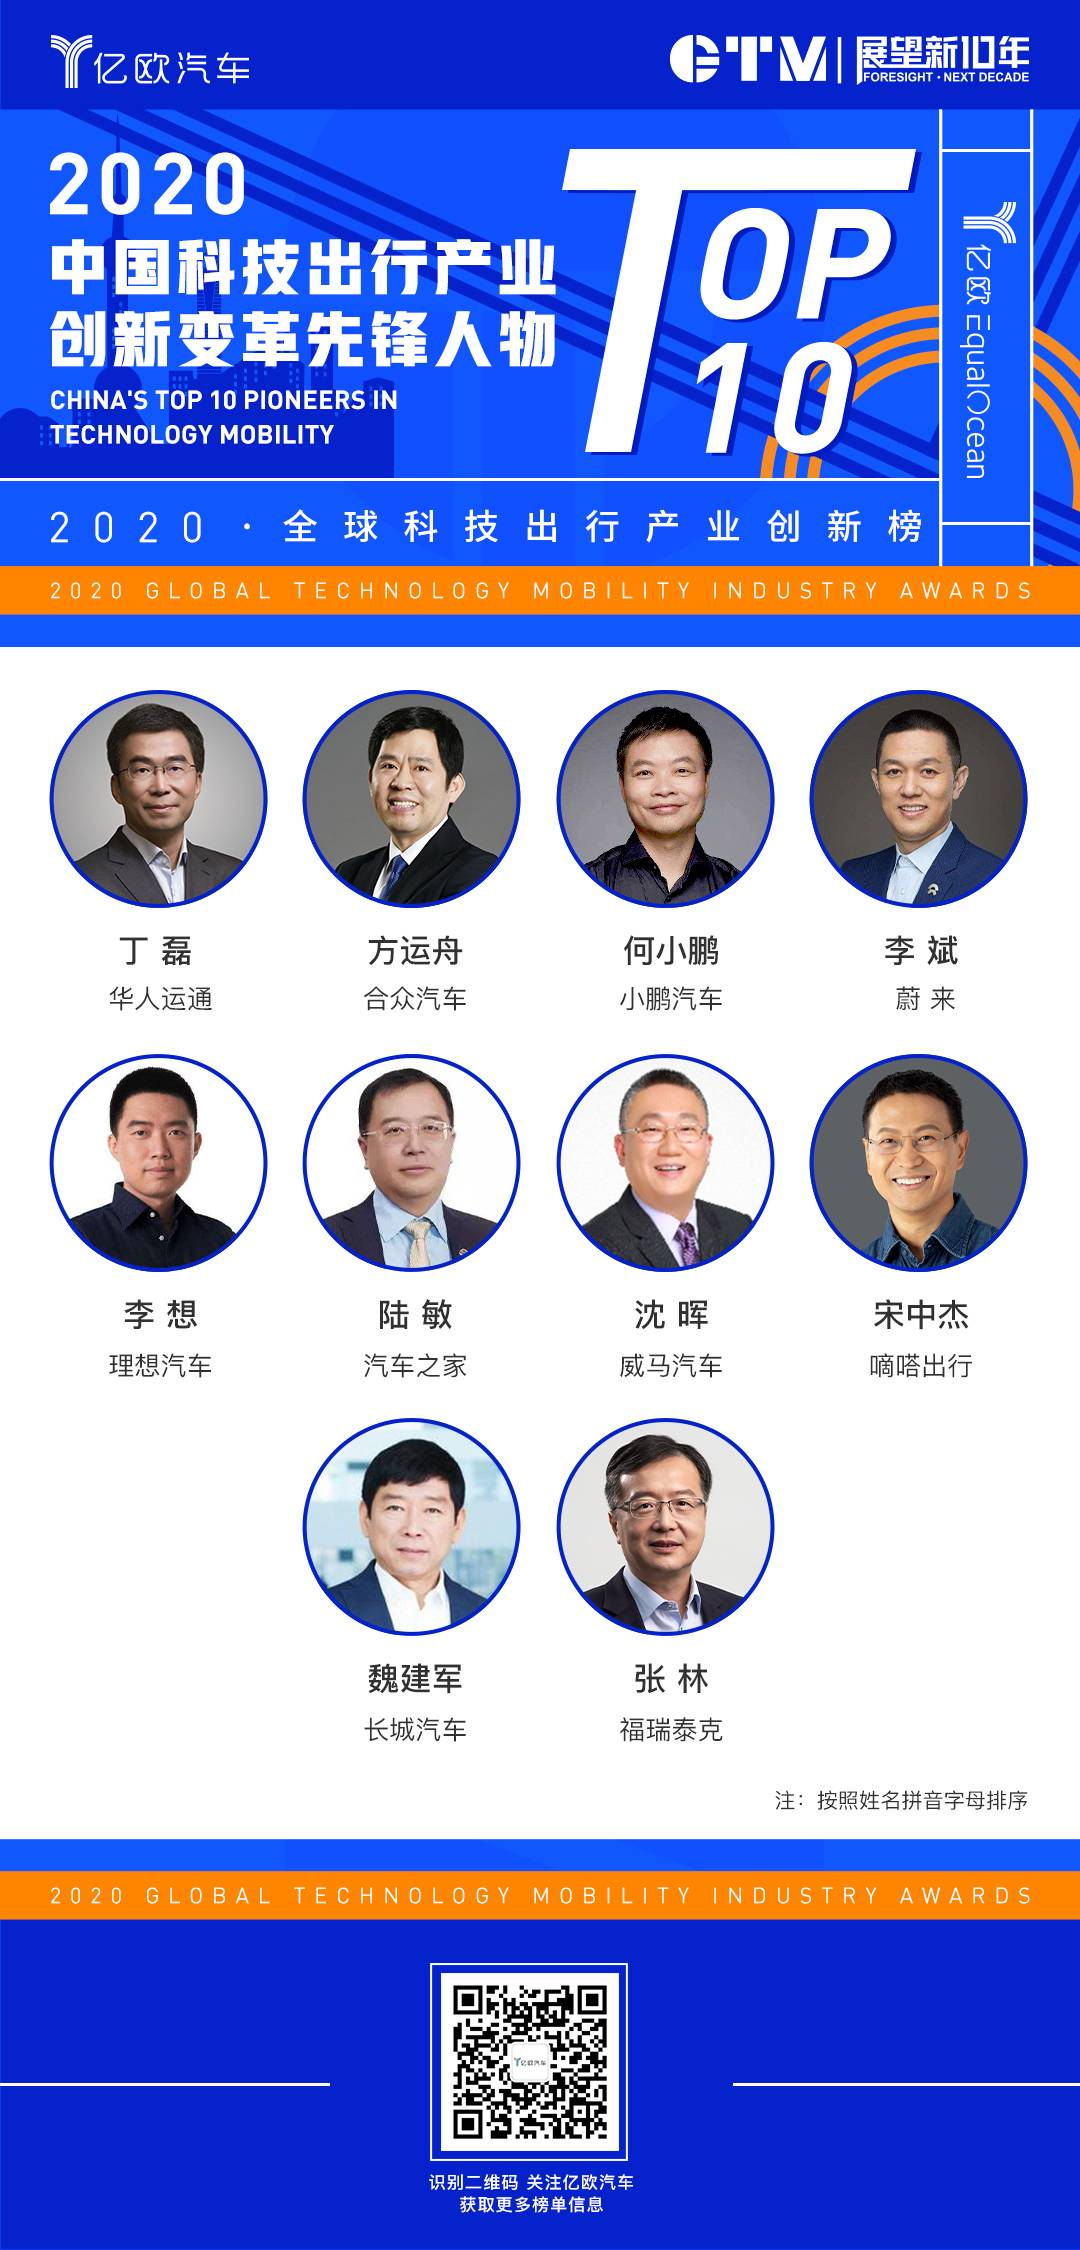 2020中国科技出走产业创新变革前卫人物TOP10